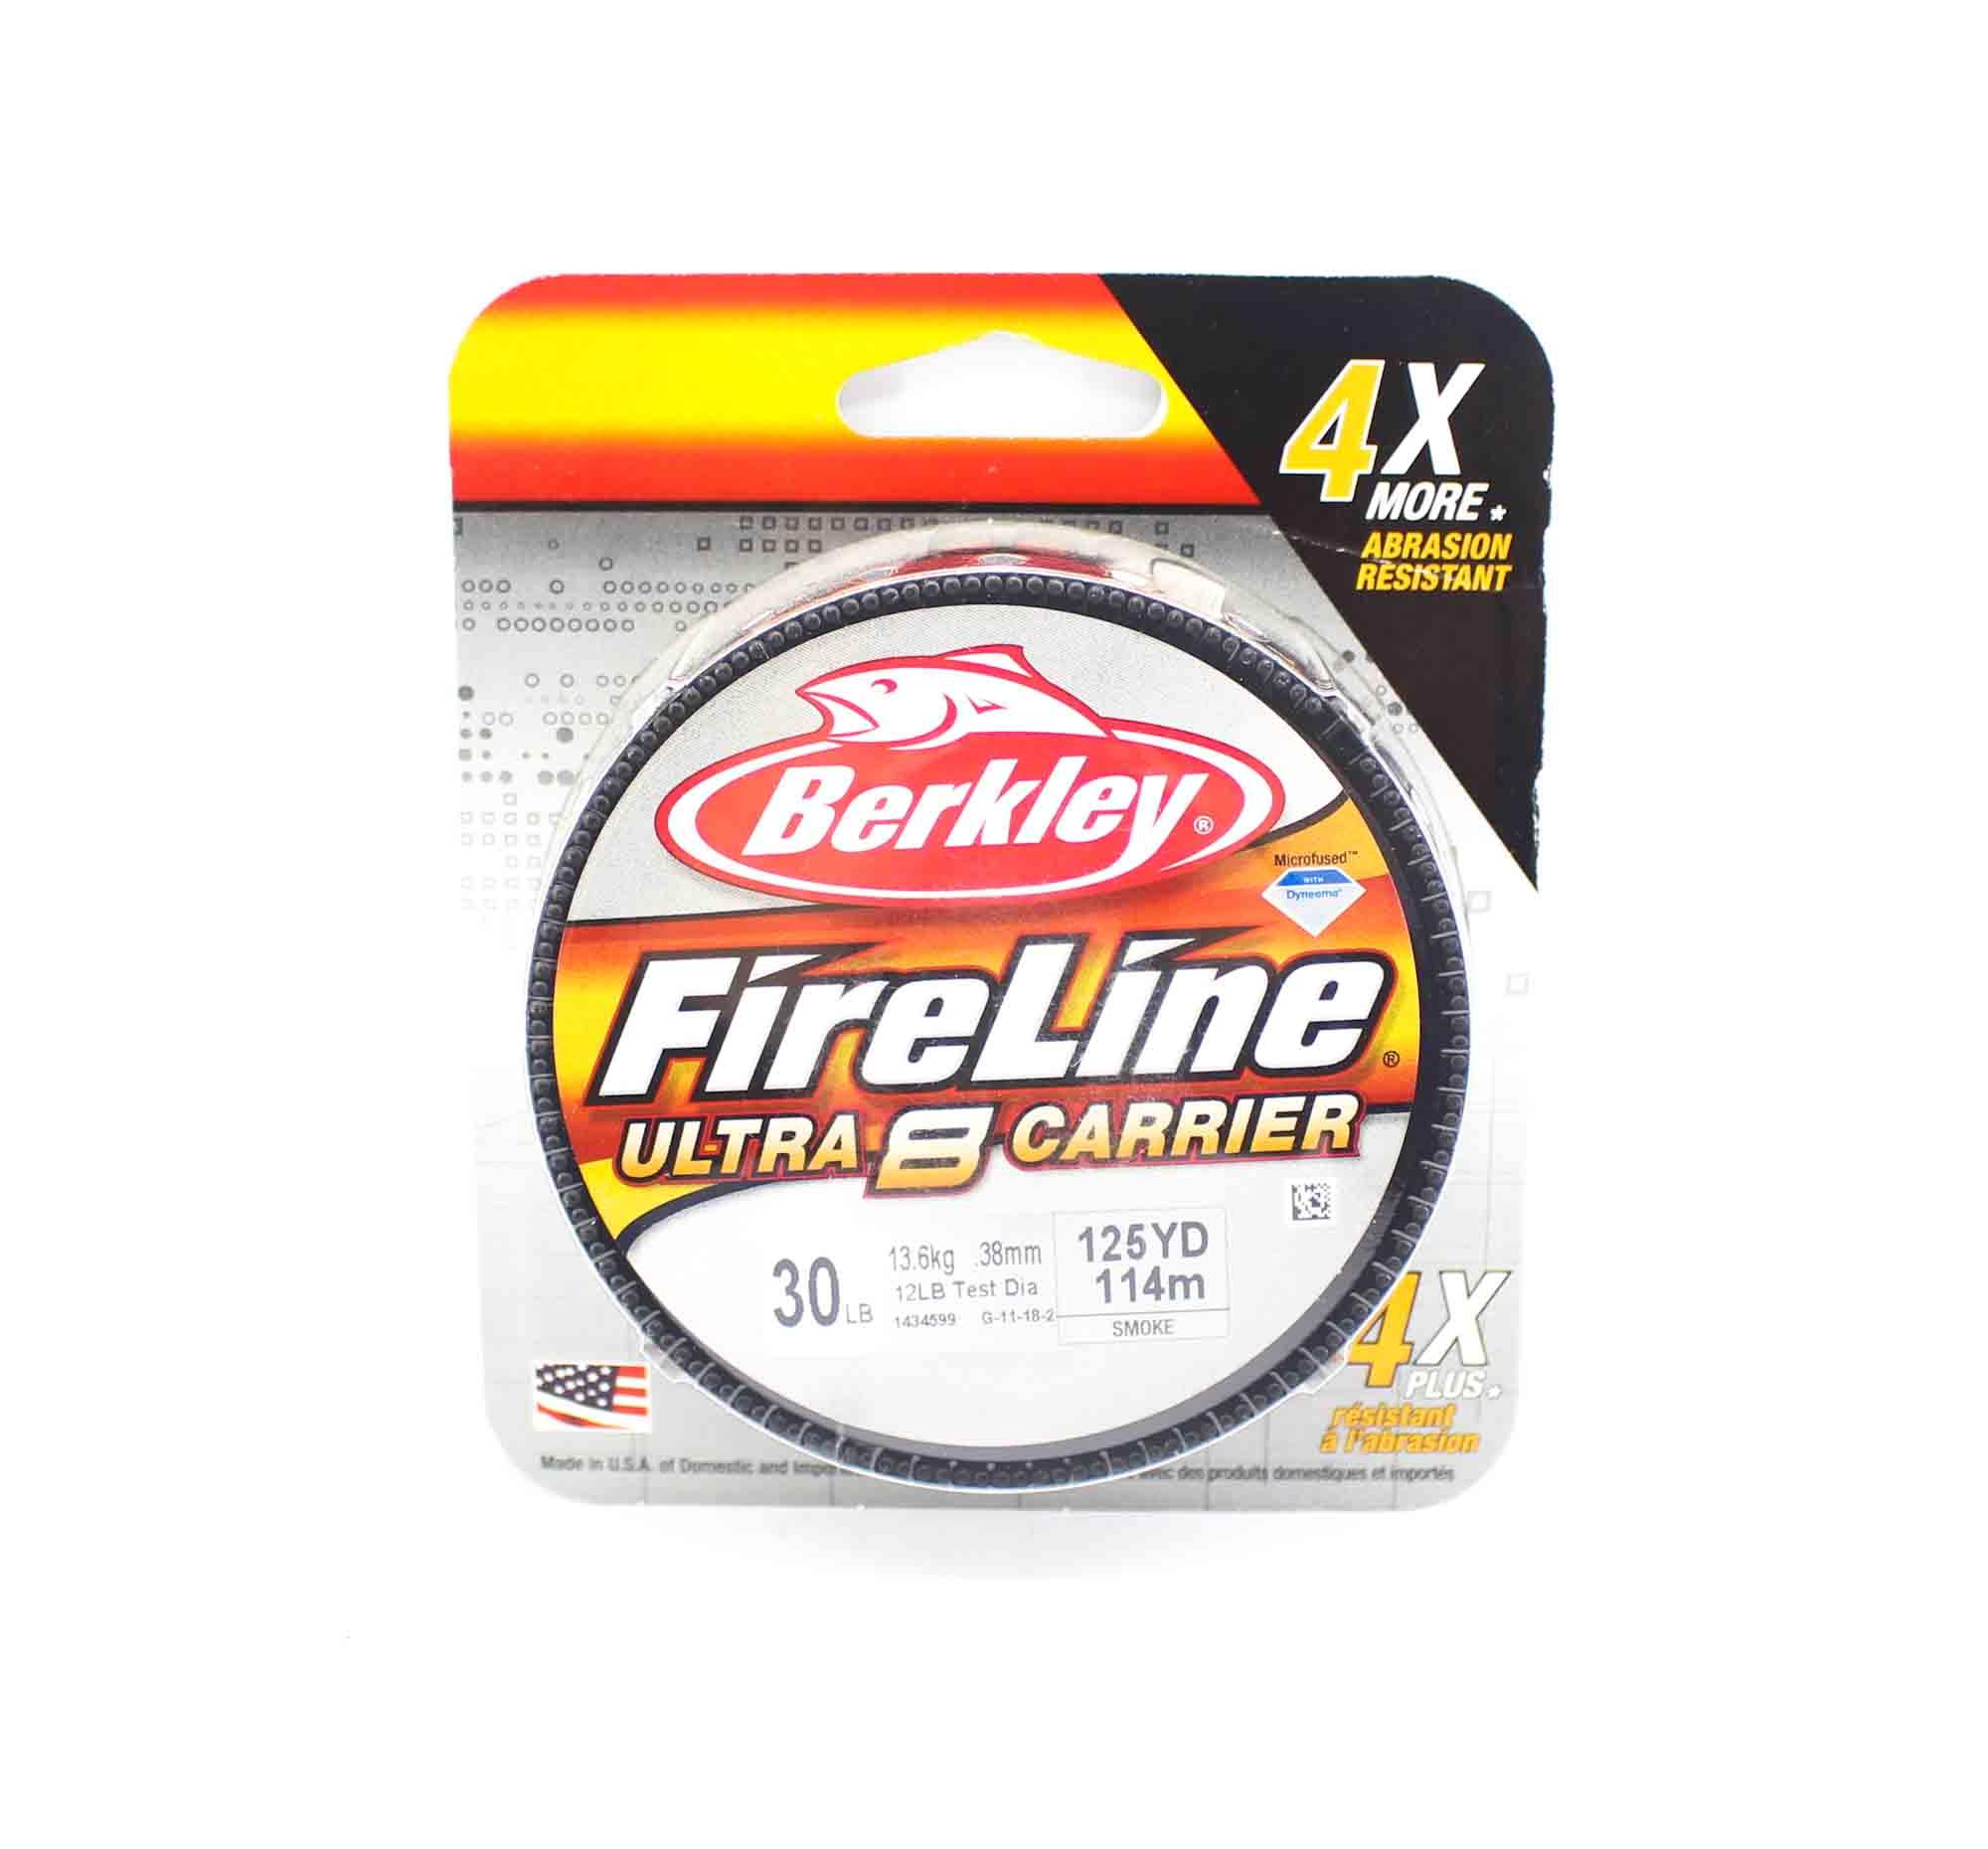 Berkley Fireline Ultra 8 Carrier 125yds 30lb Smoke (4755)